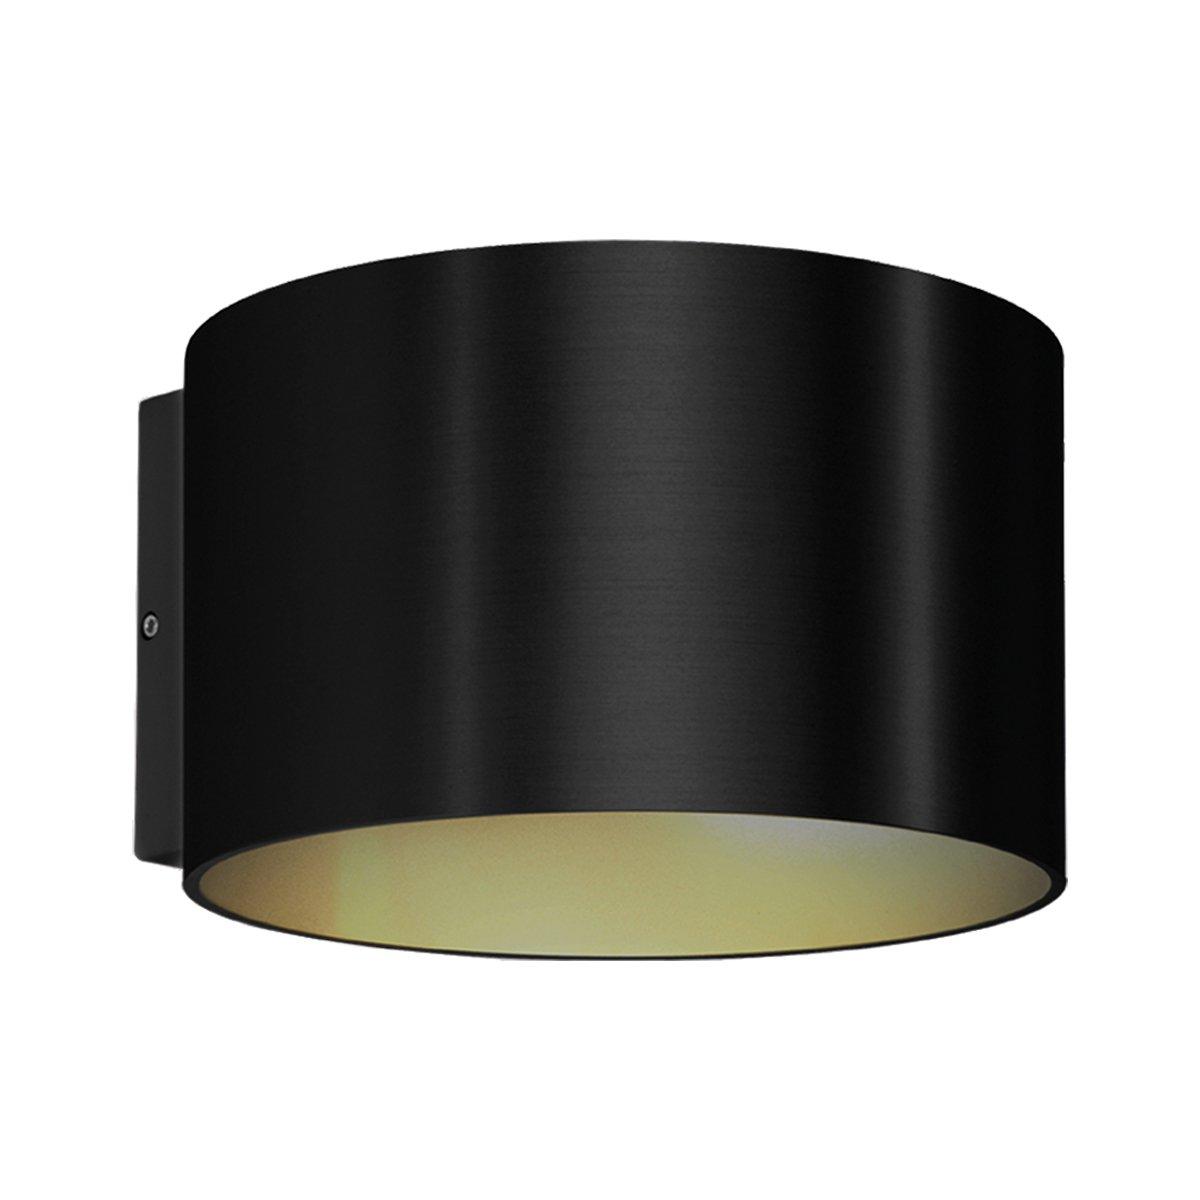 Wever & Ducr� Ray 2.0 Outdoor Wandlamp Zwart - 2700 Kelvin